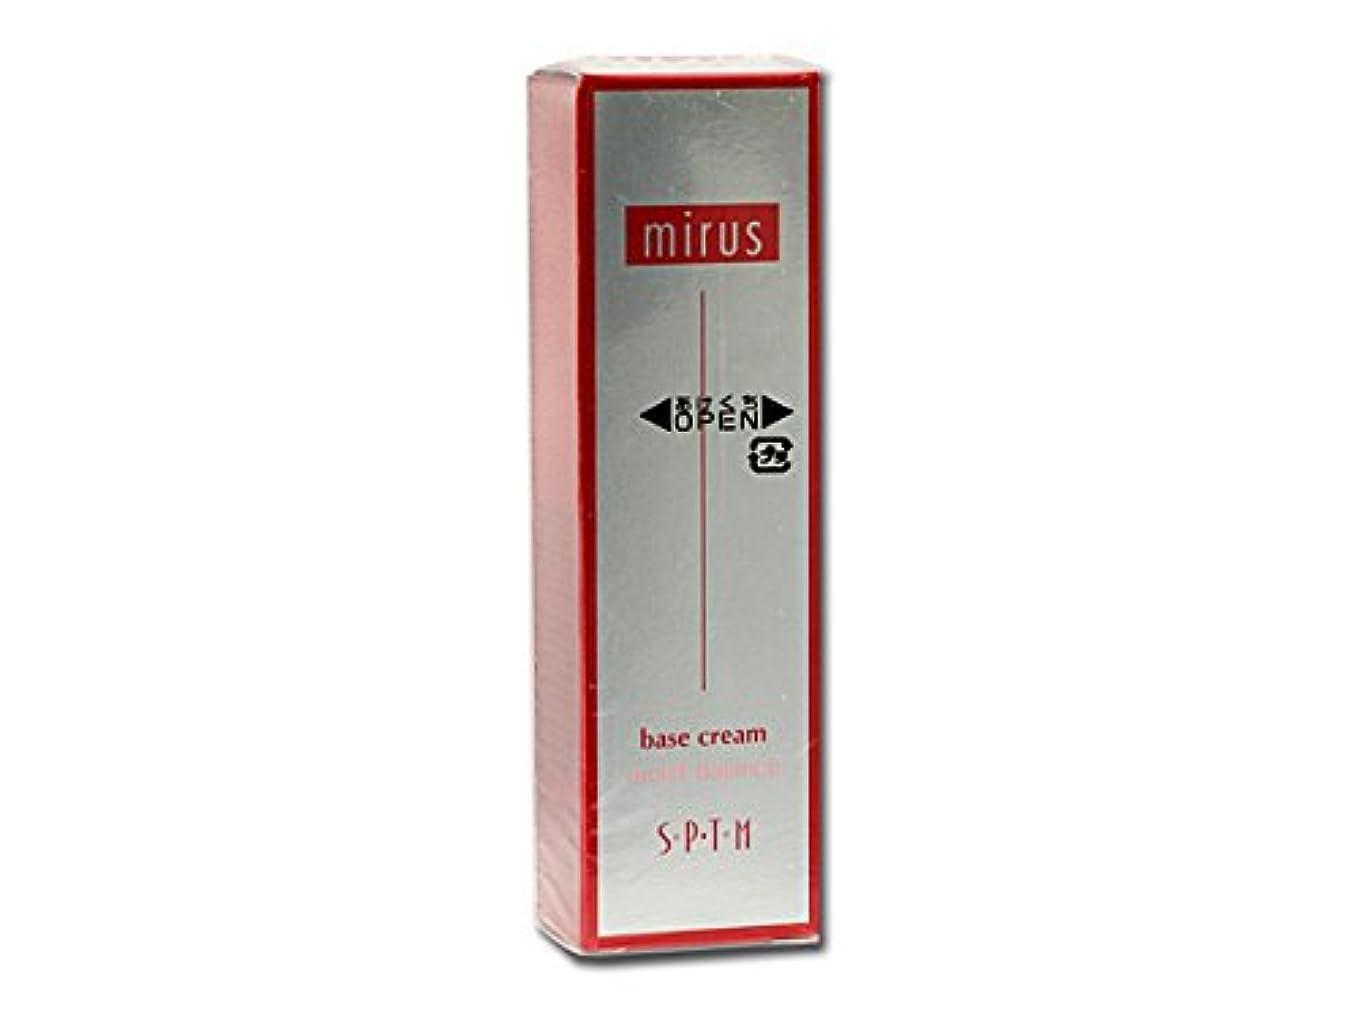 アーティファクト揃える社員セプテム ミラス ベースクリーム モイストバランス 30g